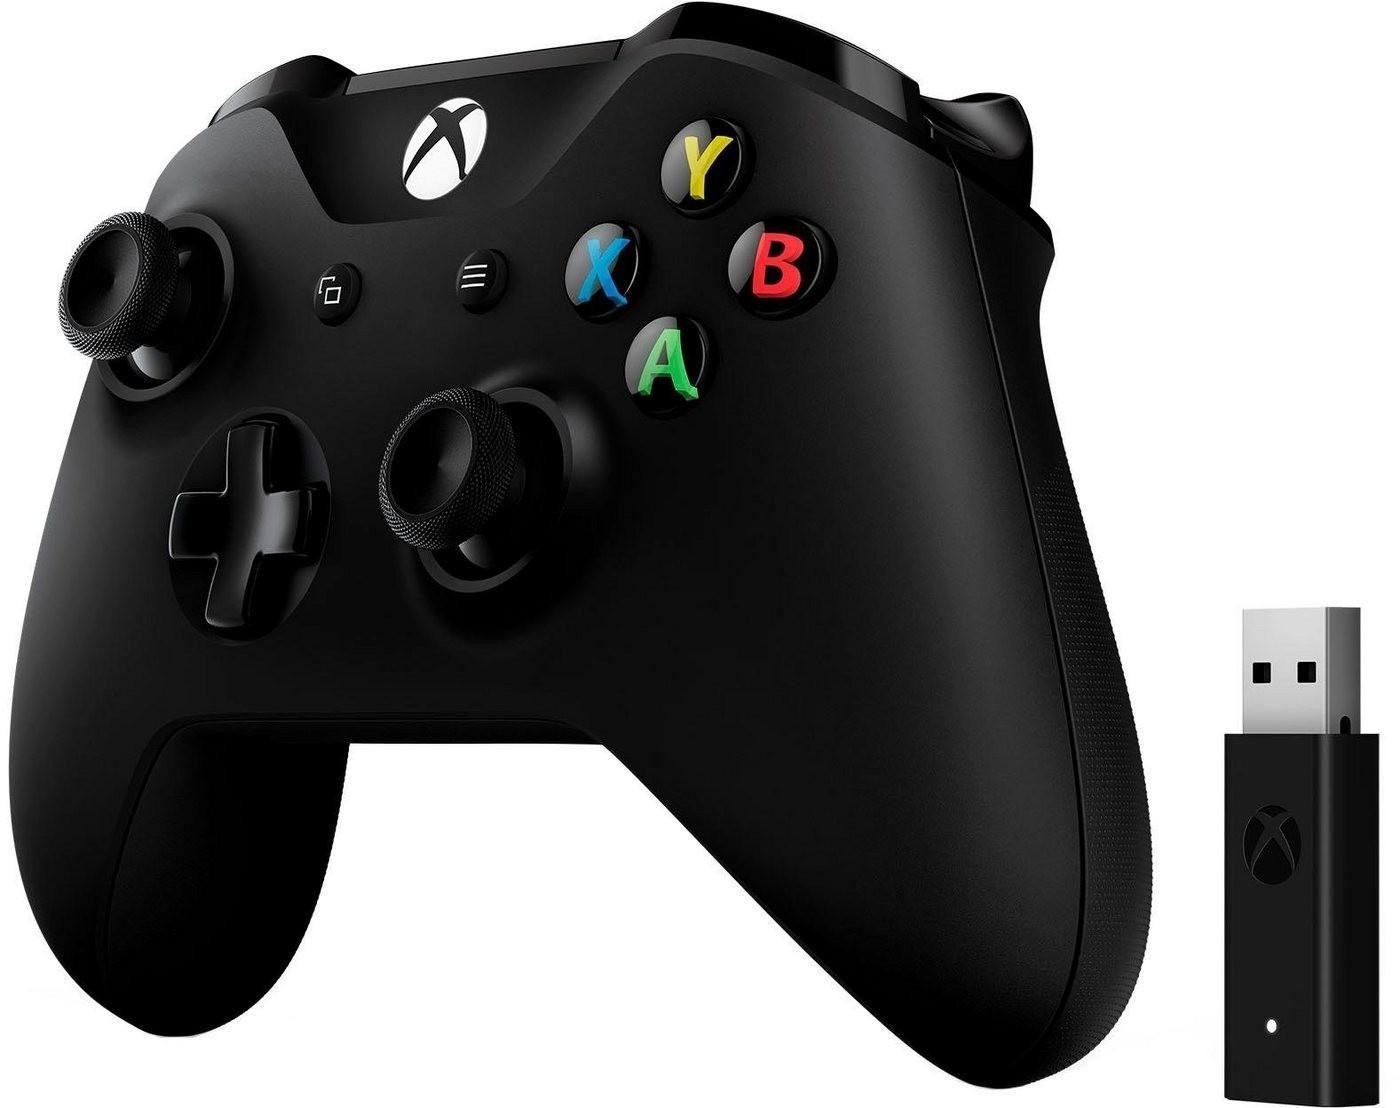 Microsoft Xbox Controller und Wireless Adapter für Windows für 33,99€ inkl. Versandkosten